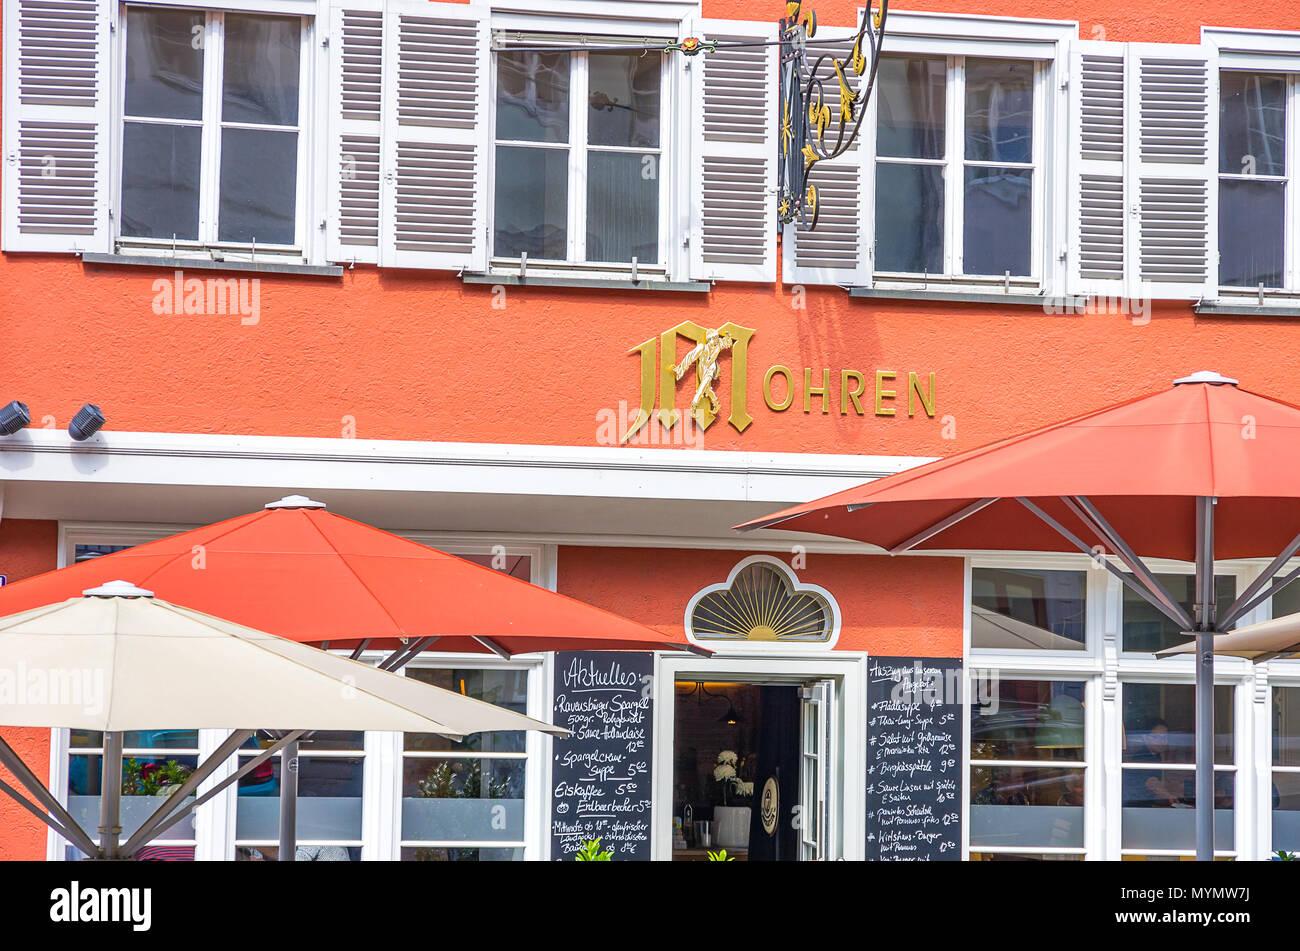 Ravensburg, Baden-Württemberg, Oberschwaben, Deutschland - Teilweise mit Blick auf die äußere Fassade der Taverne Mohren. Stockbild